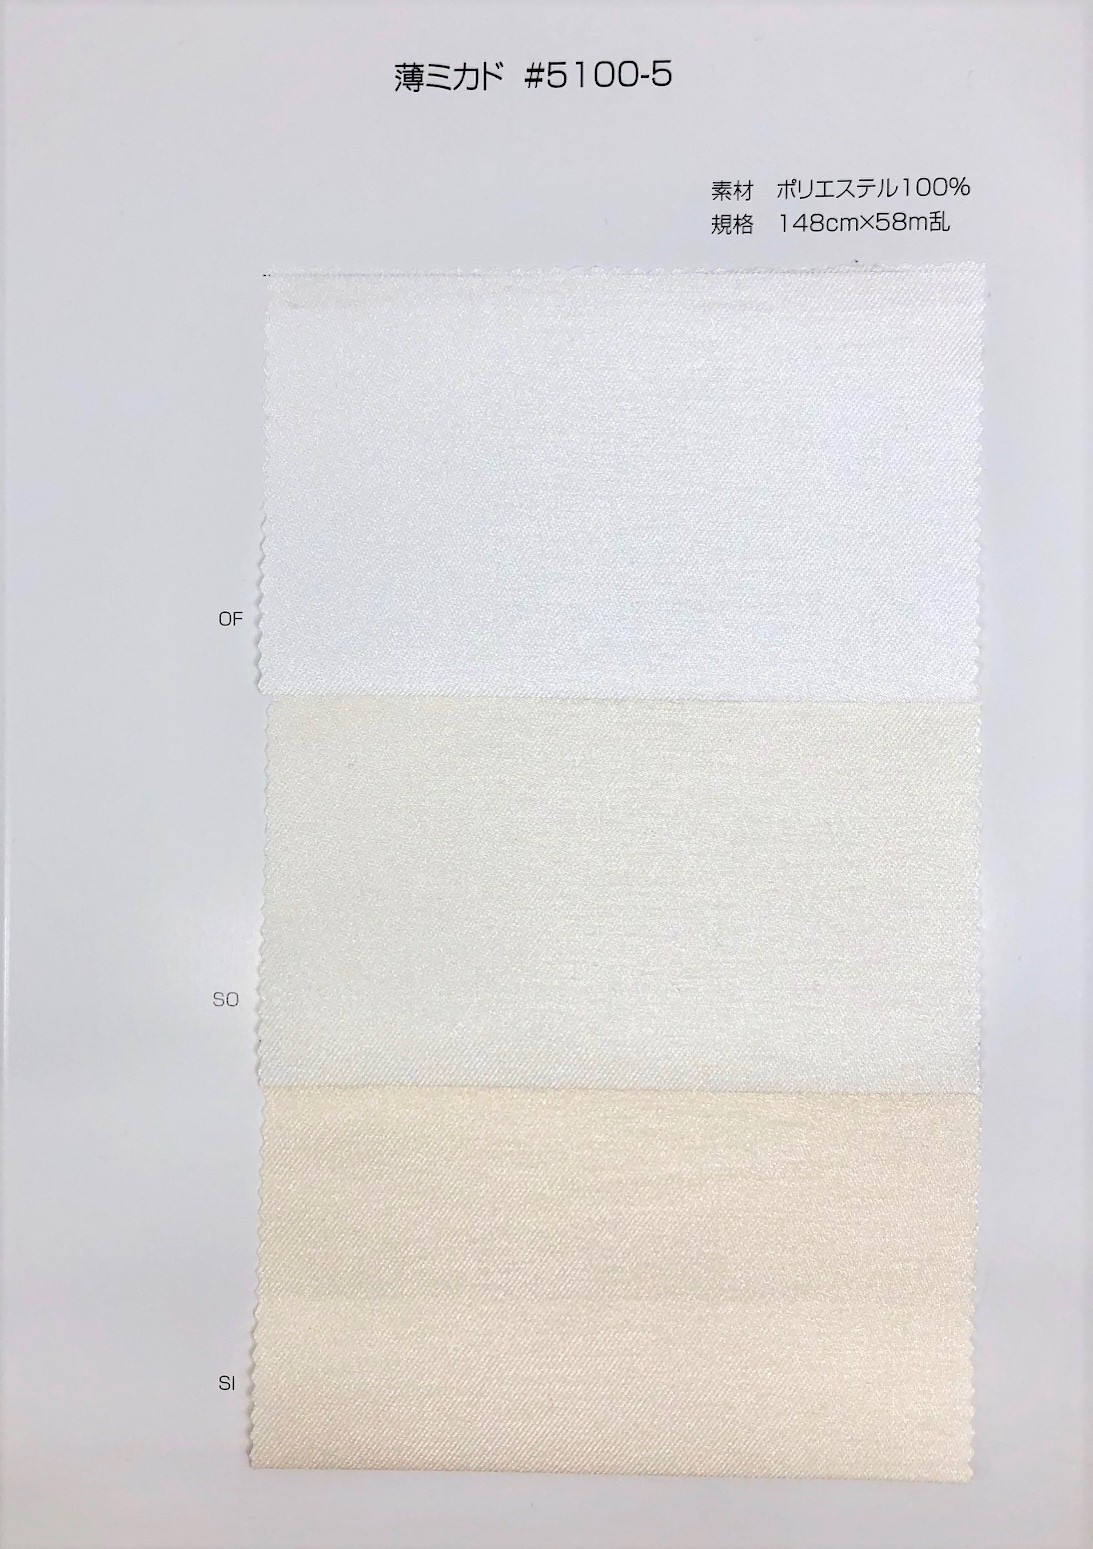 5100-5 薄ミカド(ツイル)[生地] サンコロナ小田/オークラ商事 - ApparelX アパレル資材卸通販